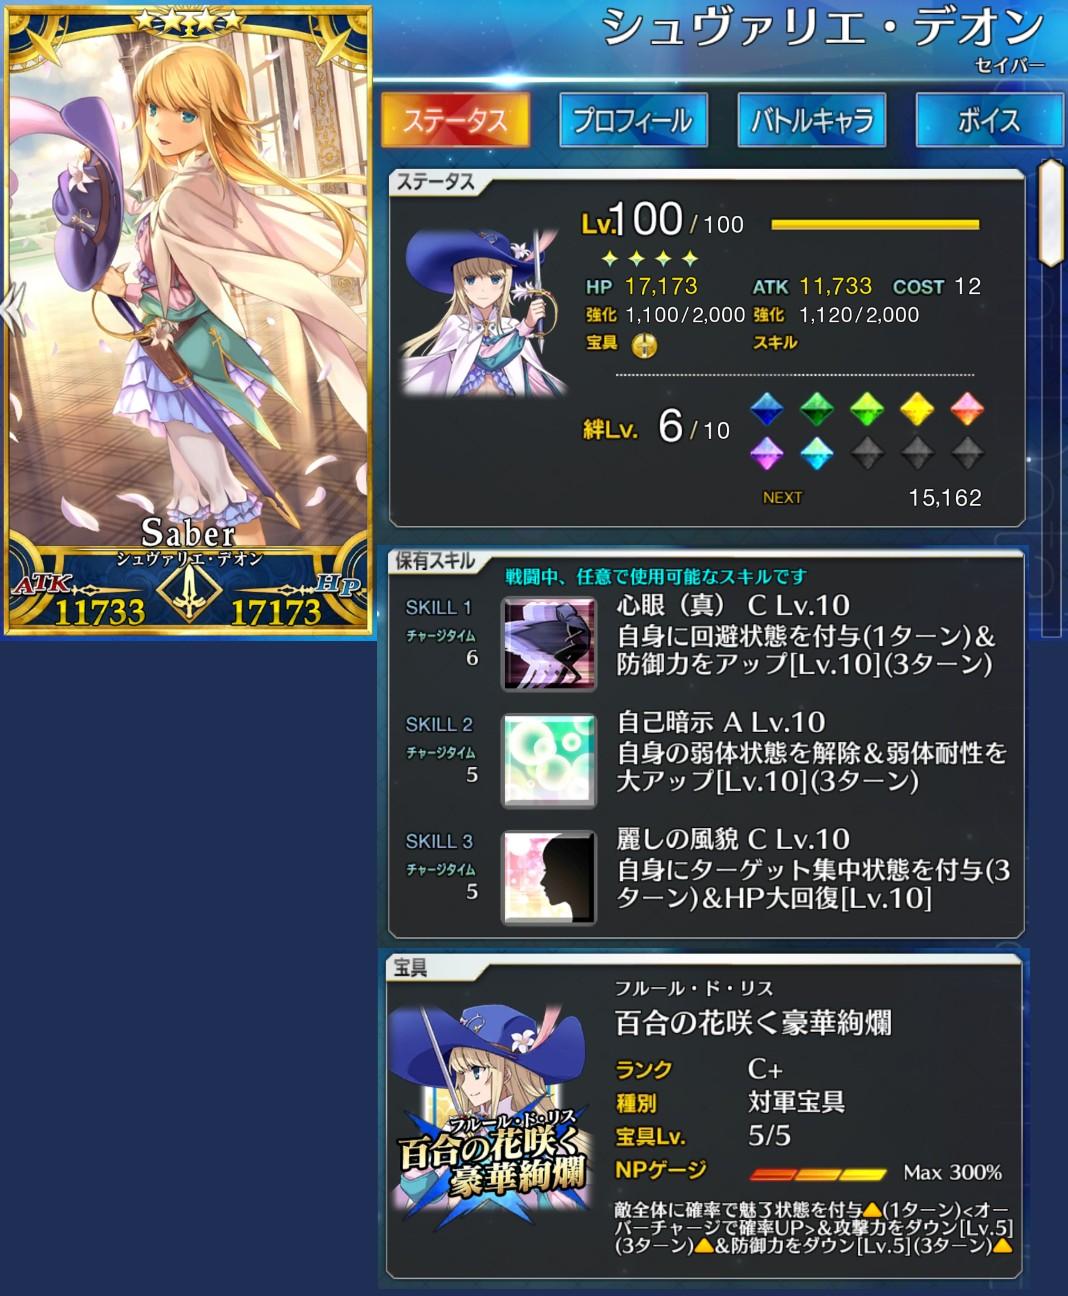 f:id:nagatakatsuki:20180407063006j:image